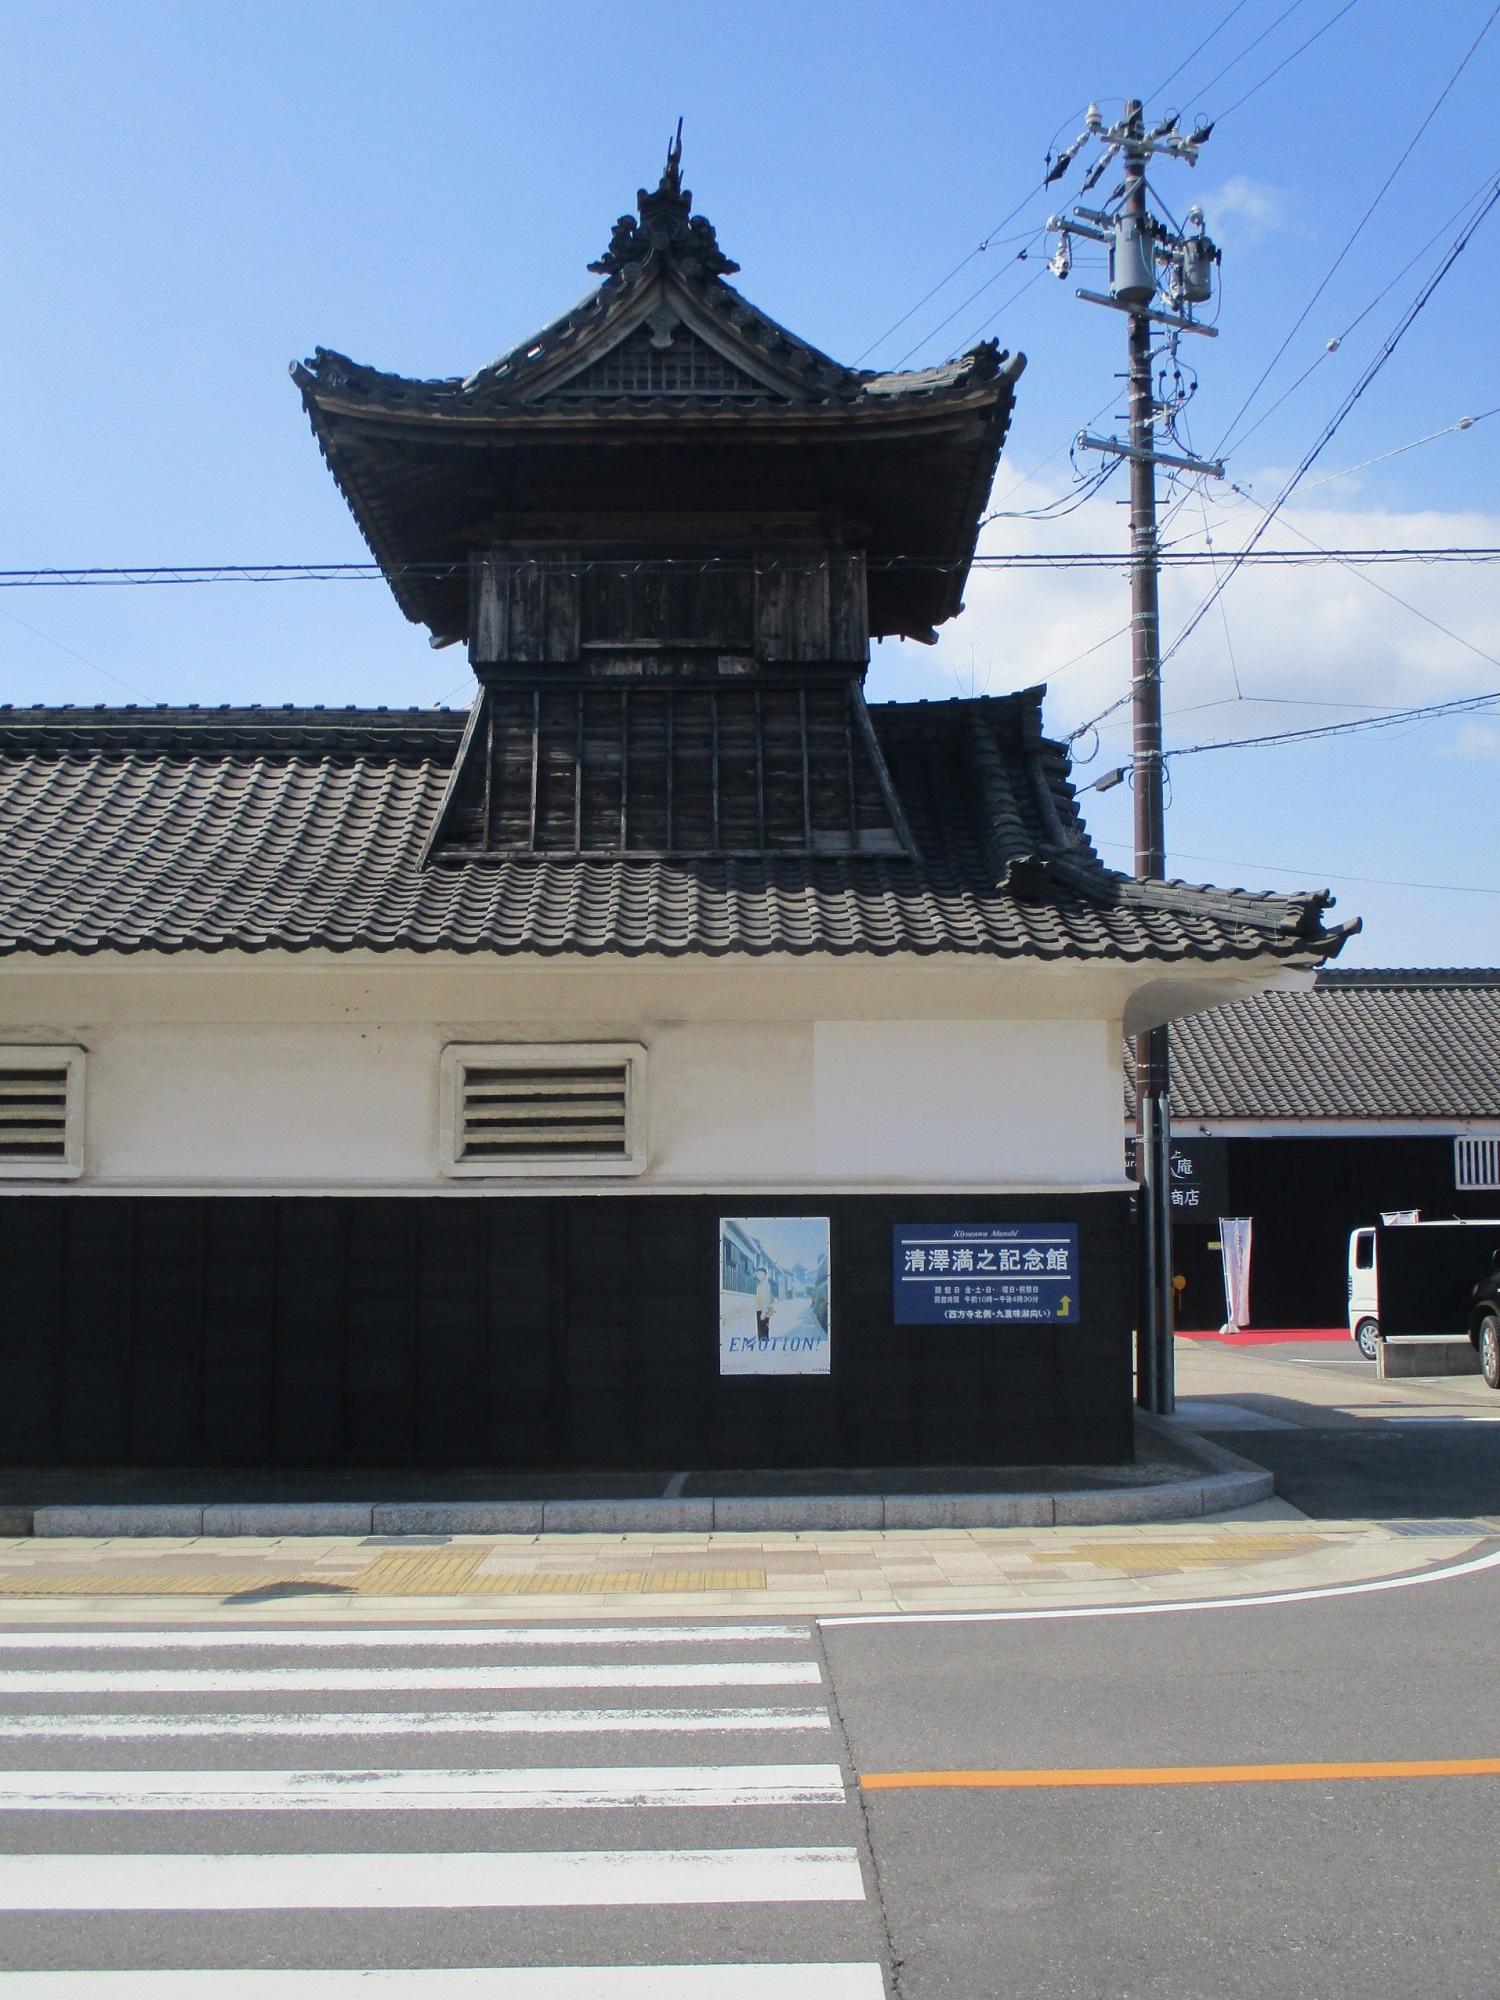 2020.3.15 (2) 西方寺 - 太鼓堂 1500-2000